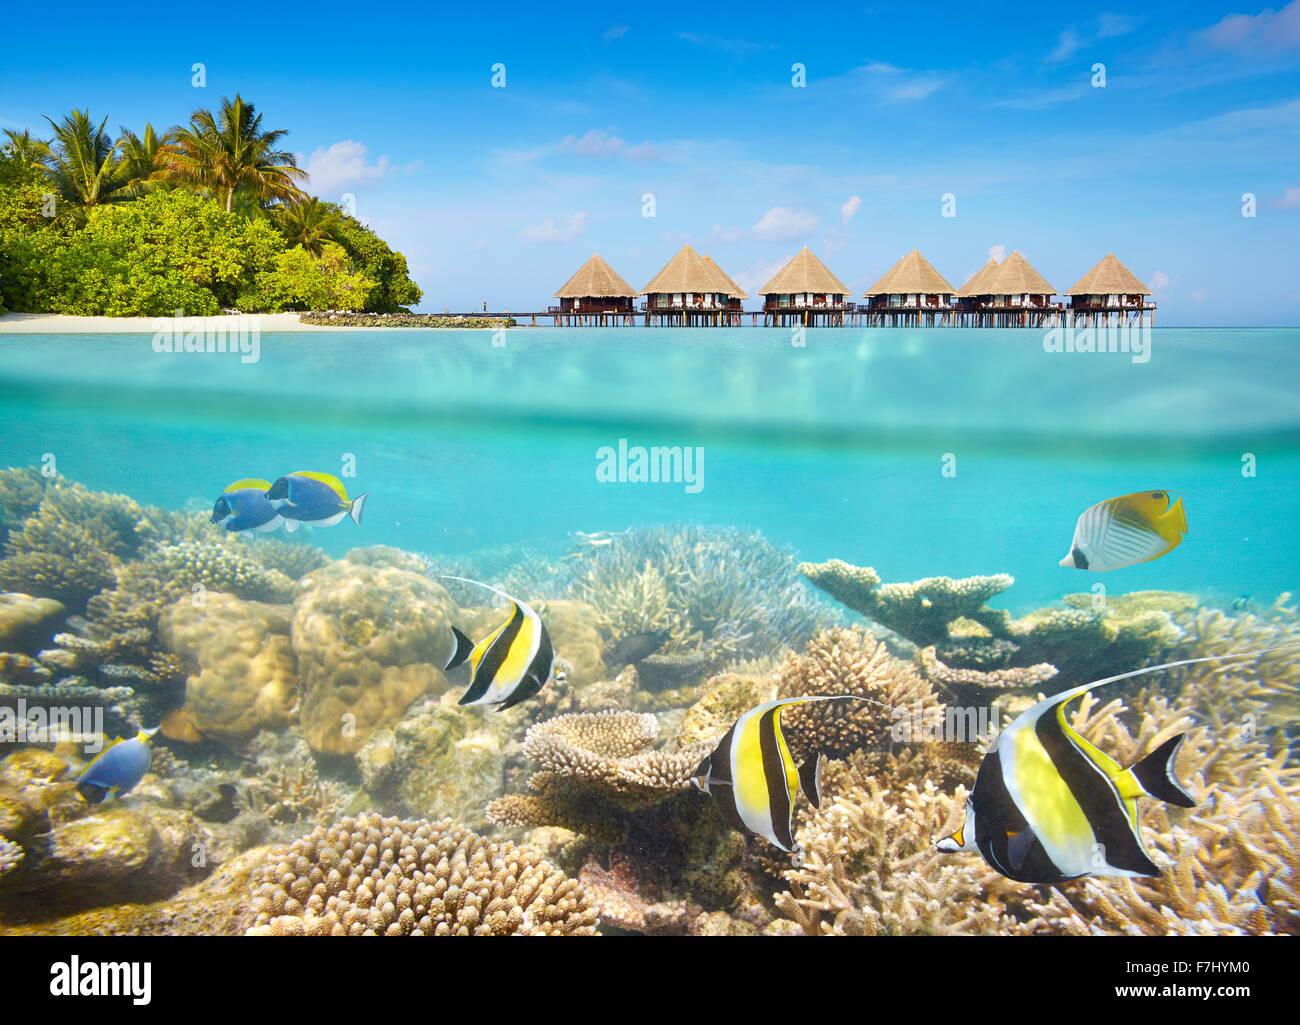 Tropische Unterwasserwelt Malediven Insel Stockbild